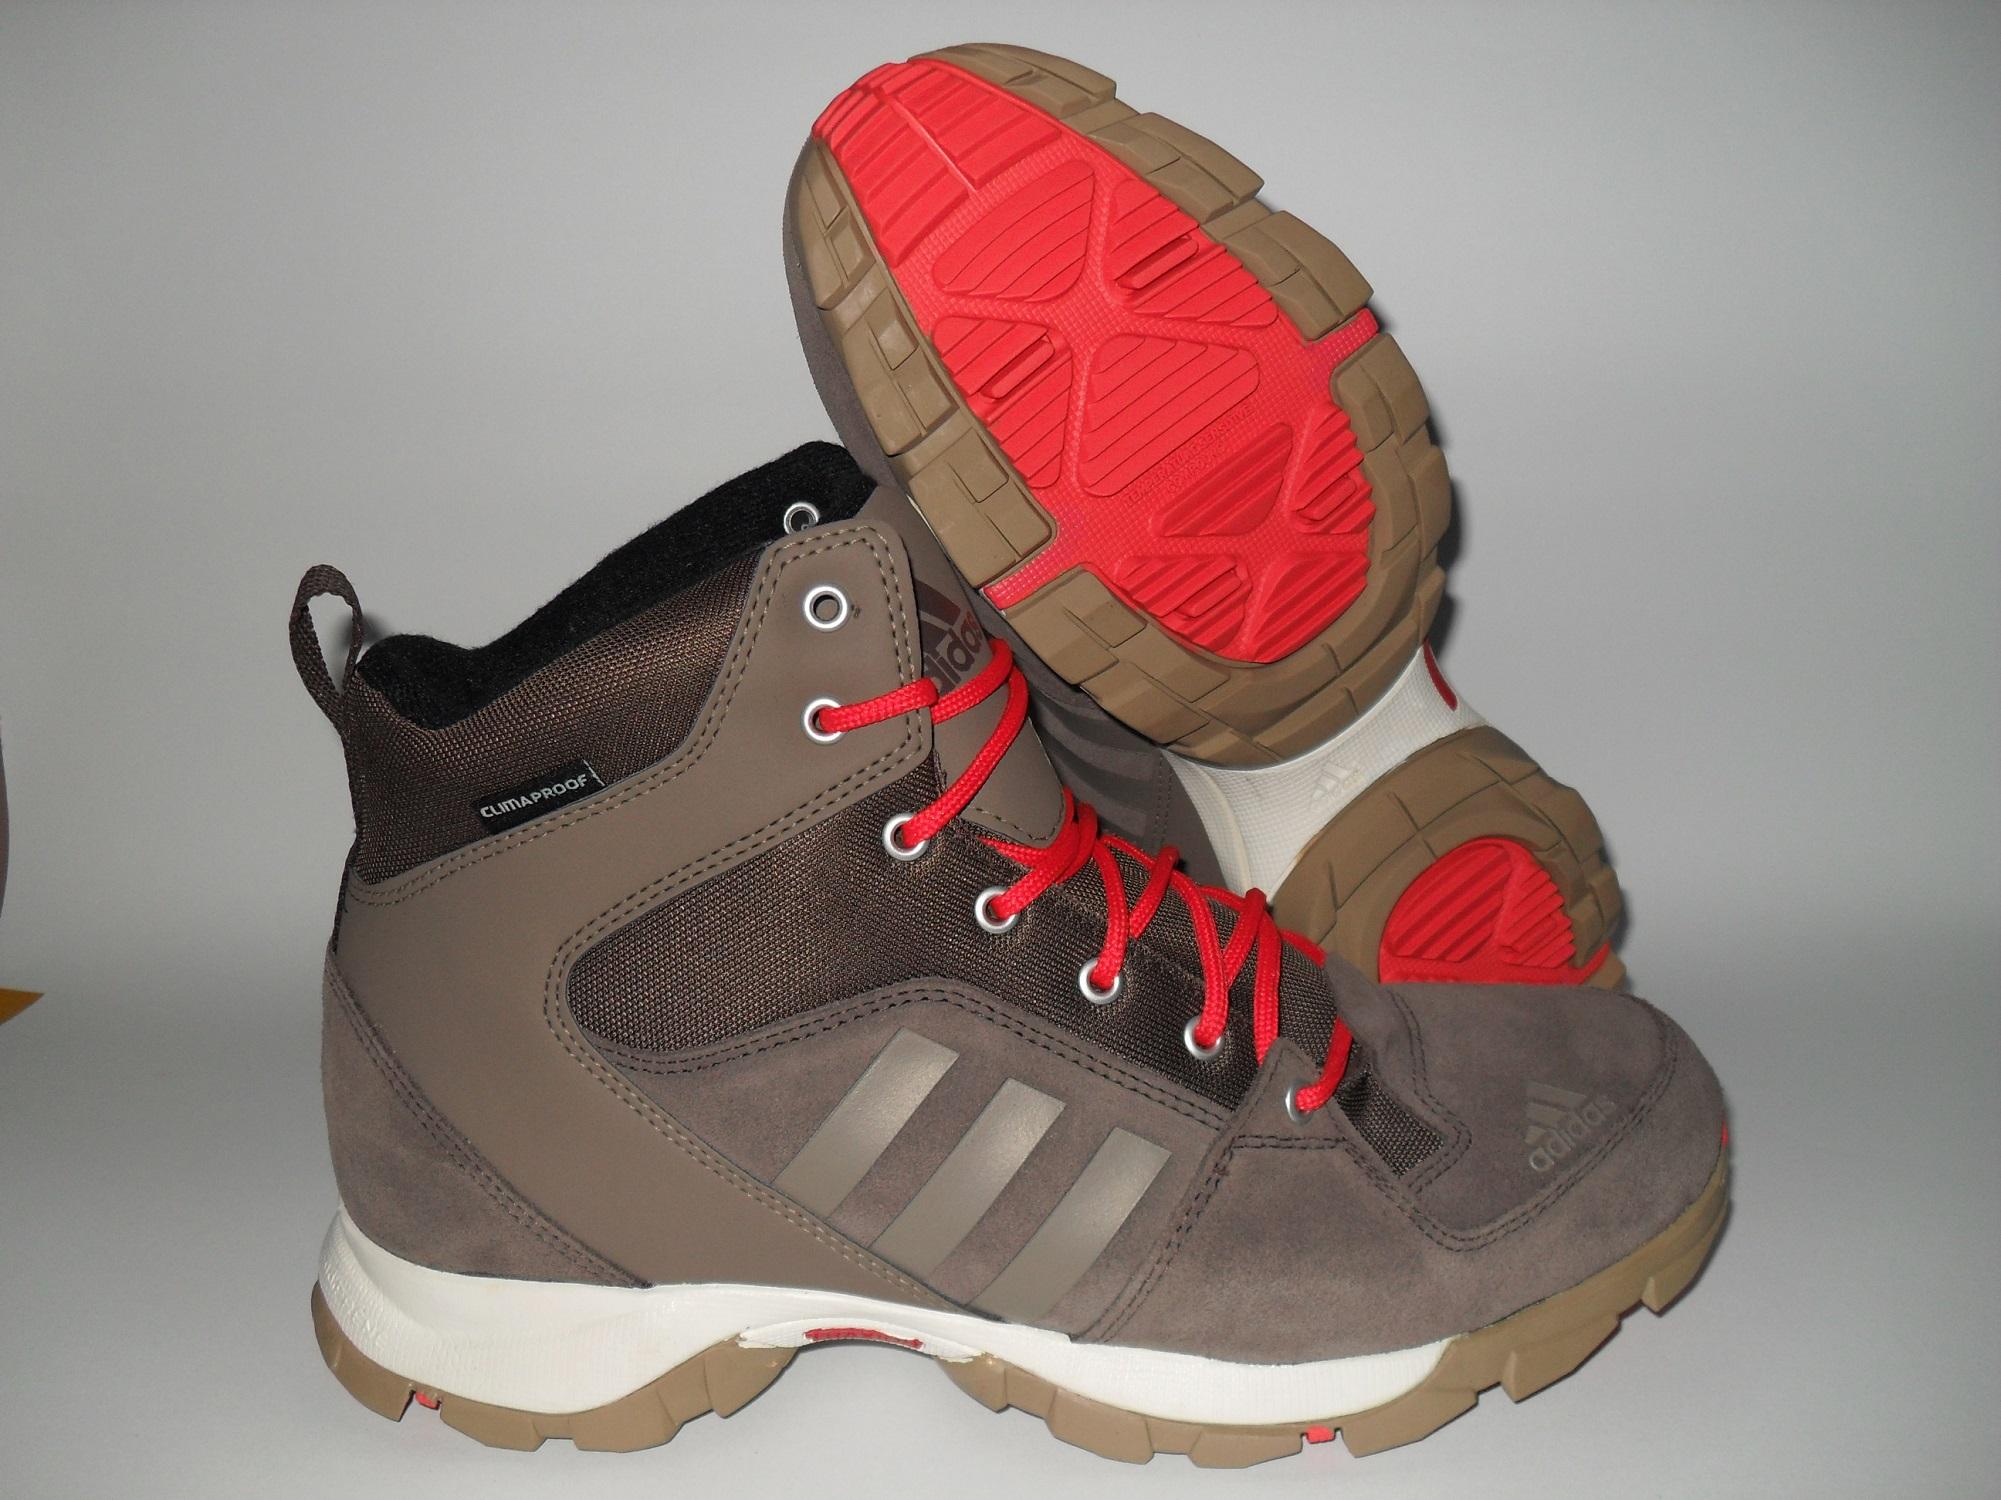 Sportowe Buty Zimowe Adidas Winterscape Cp Q21318 roz. 46 na